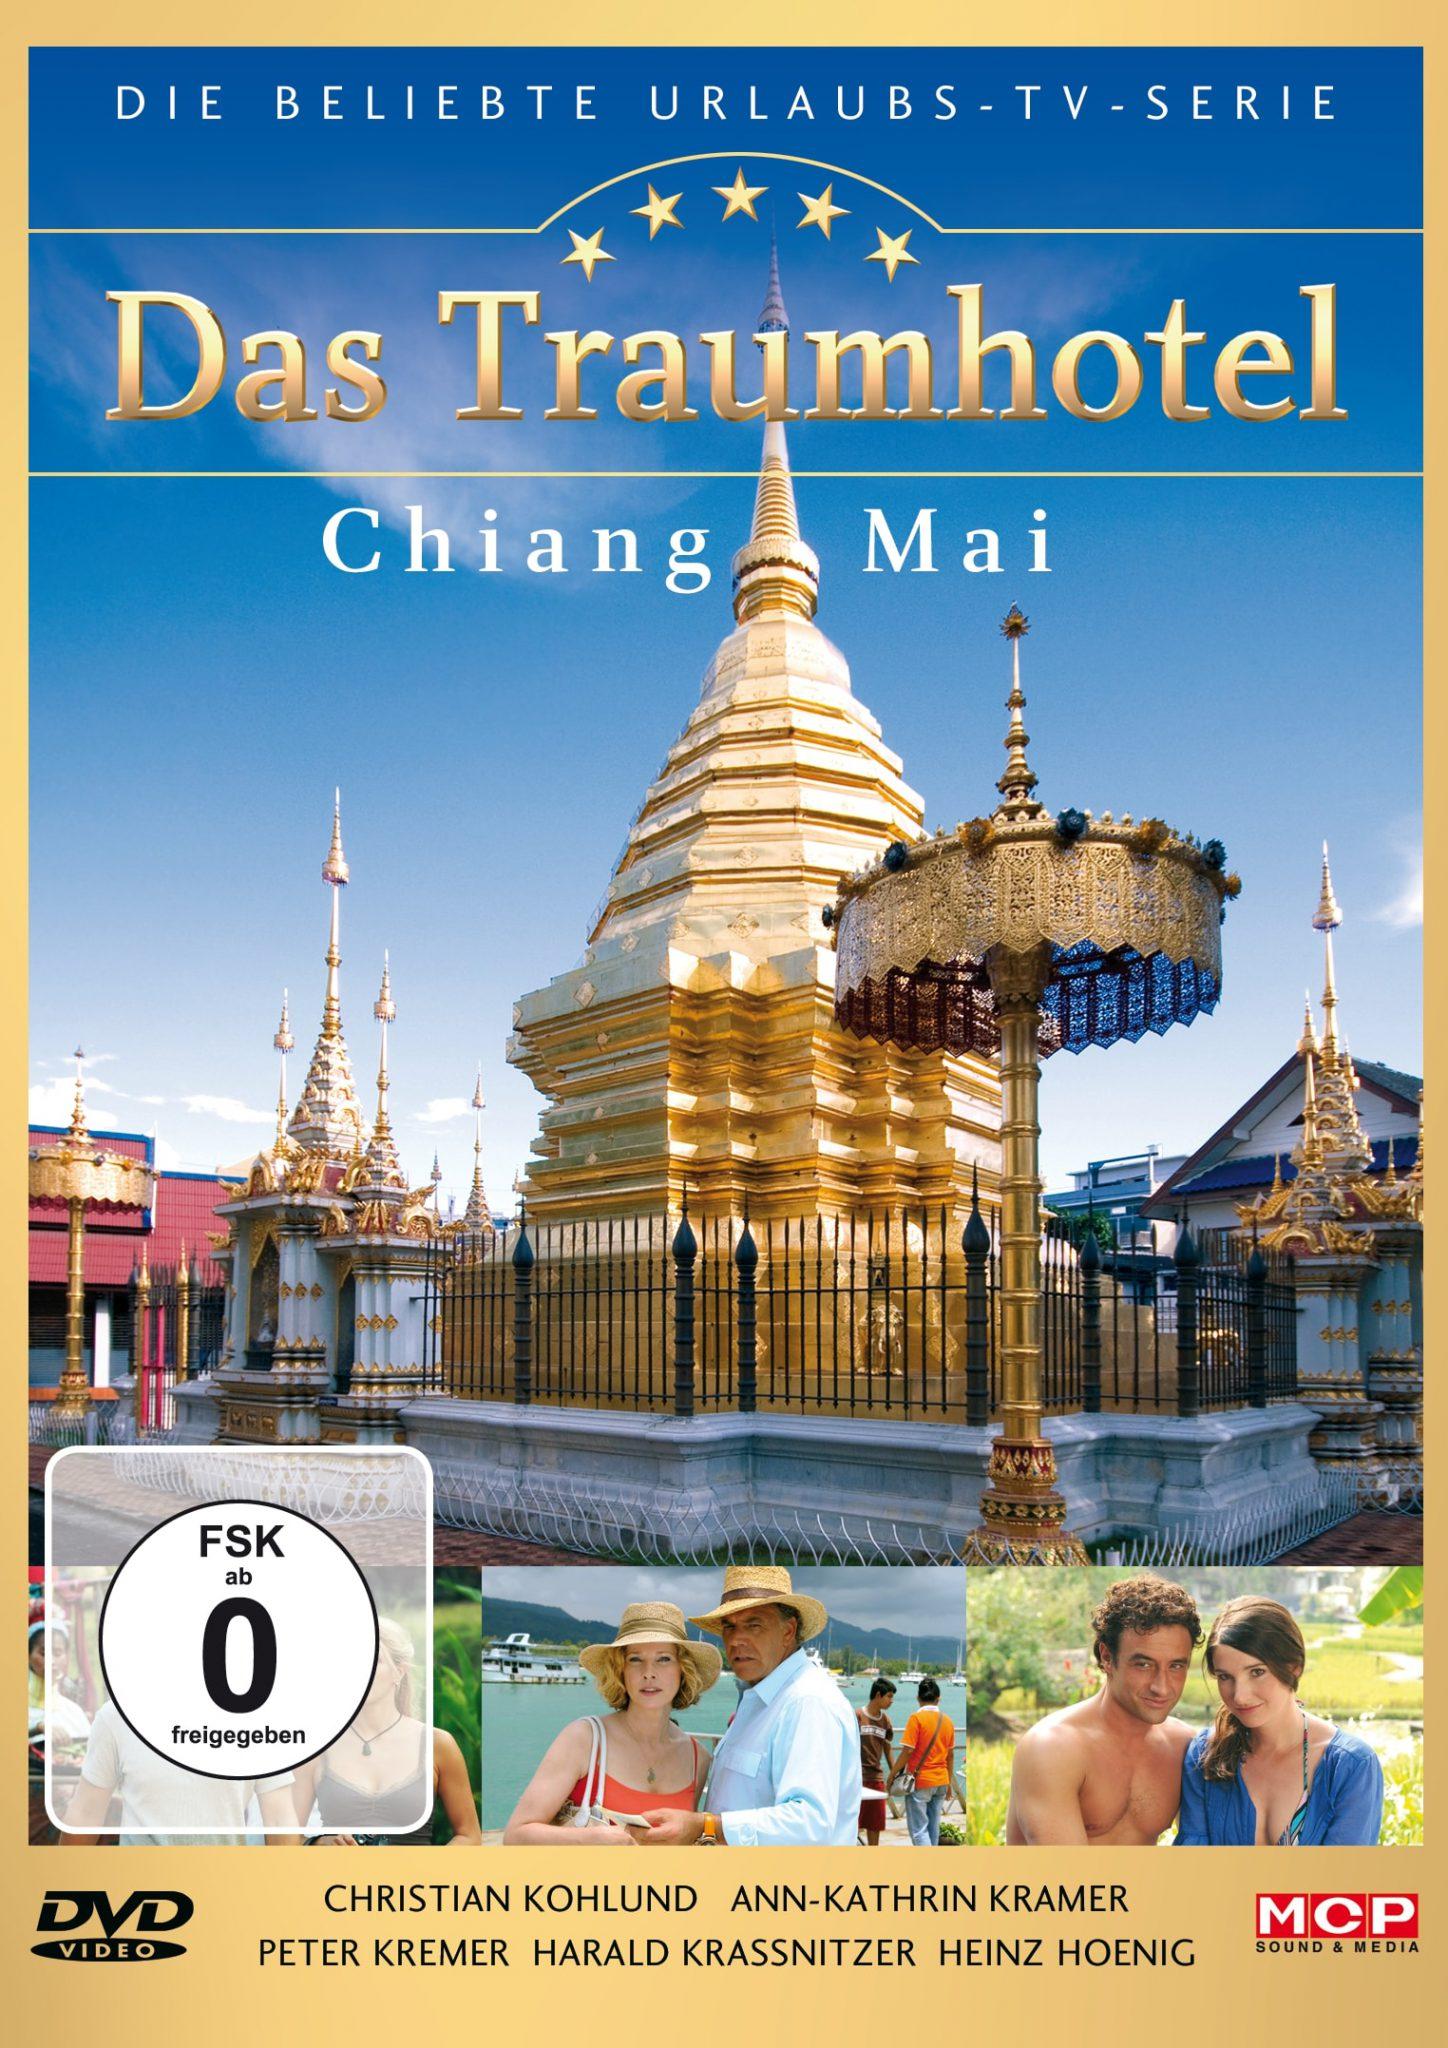 Das Traumhotel Chiang Mai Lisa Film